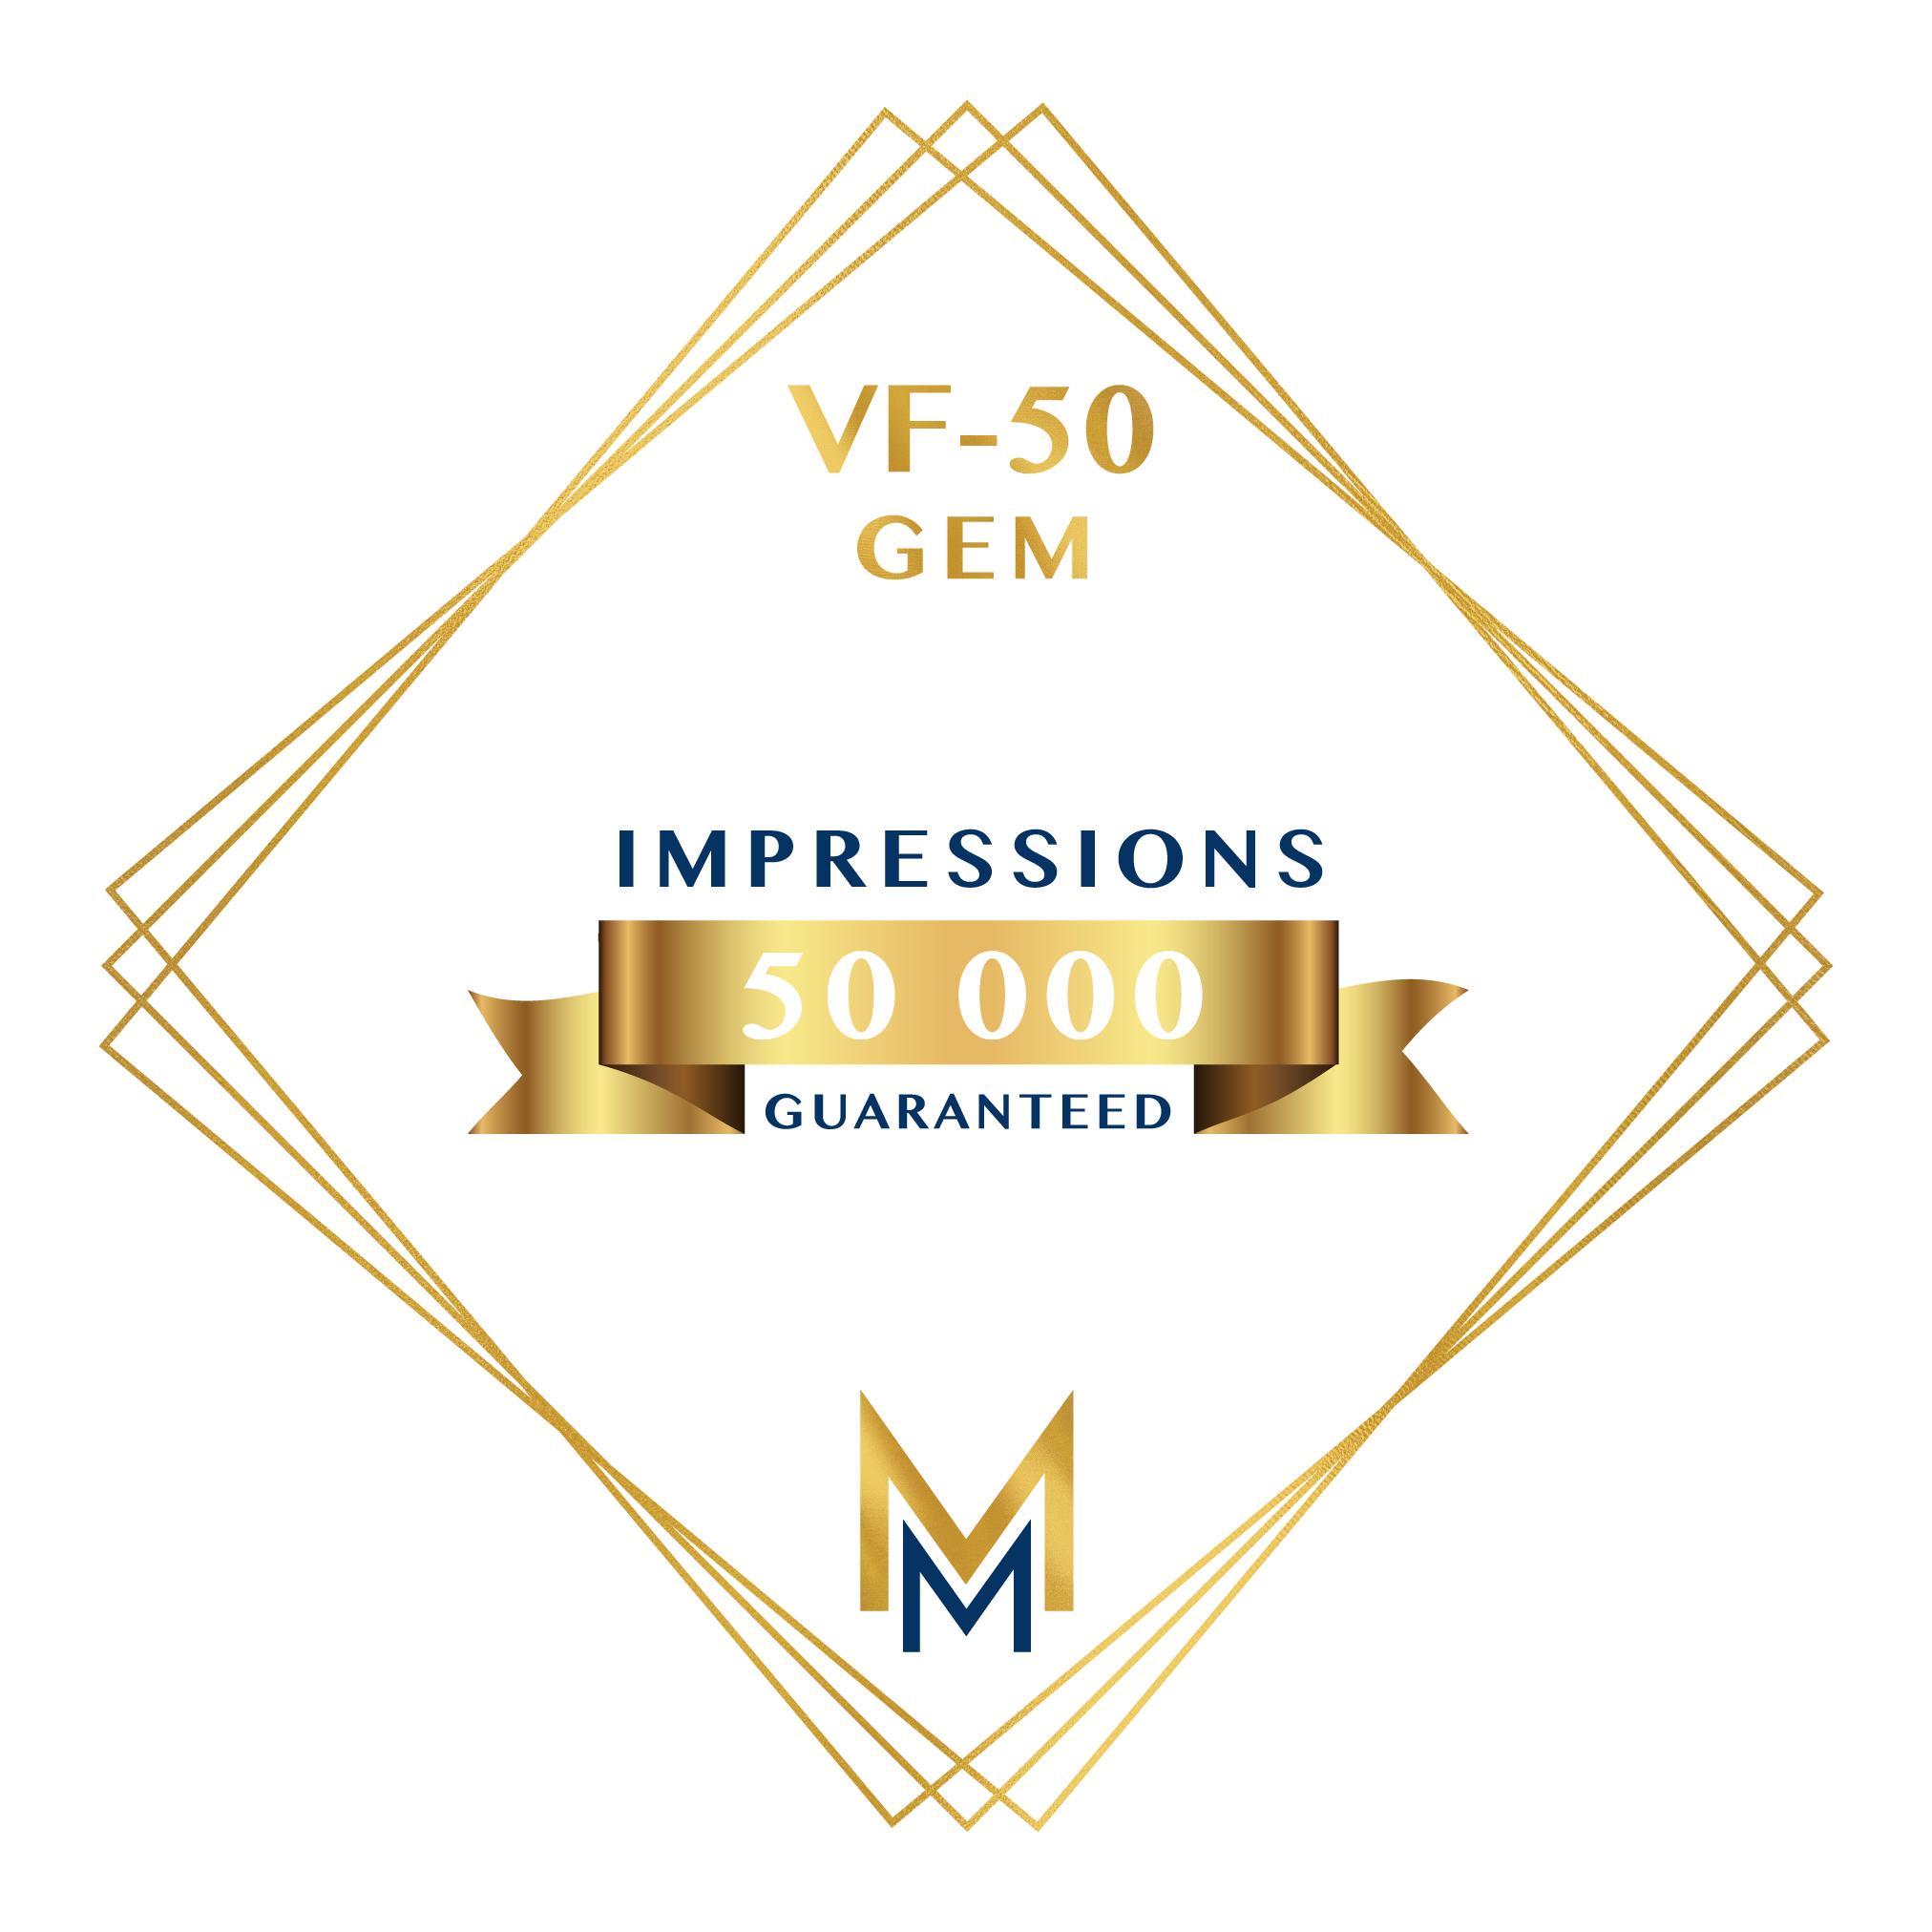 Gem-VF-50-MMS-HQ.jpg